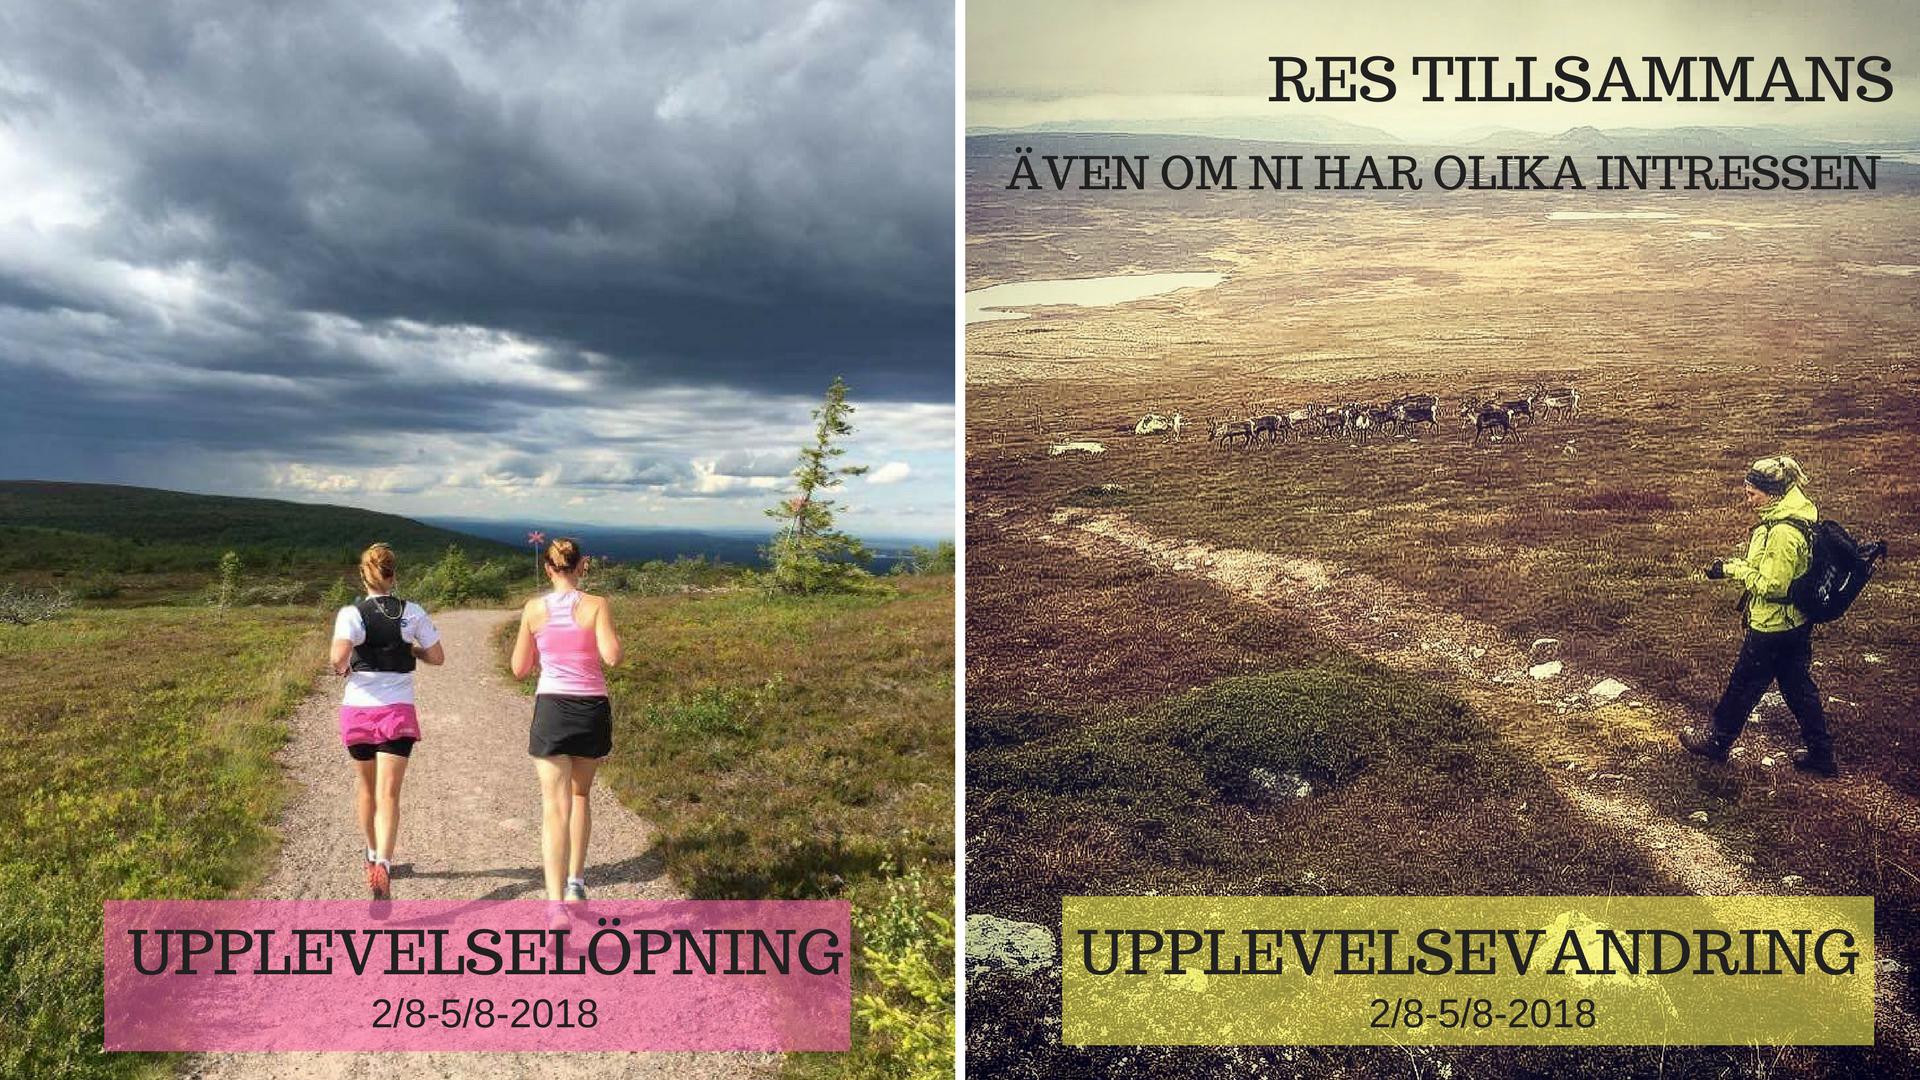 upplevelse löpning Sweden Runners Vandring Sweden Outdoors